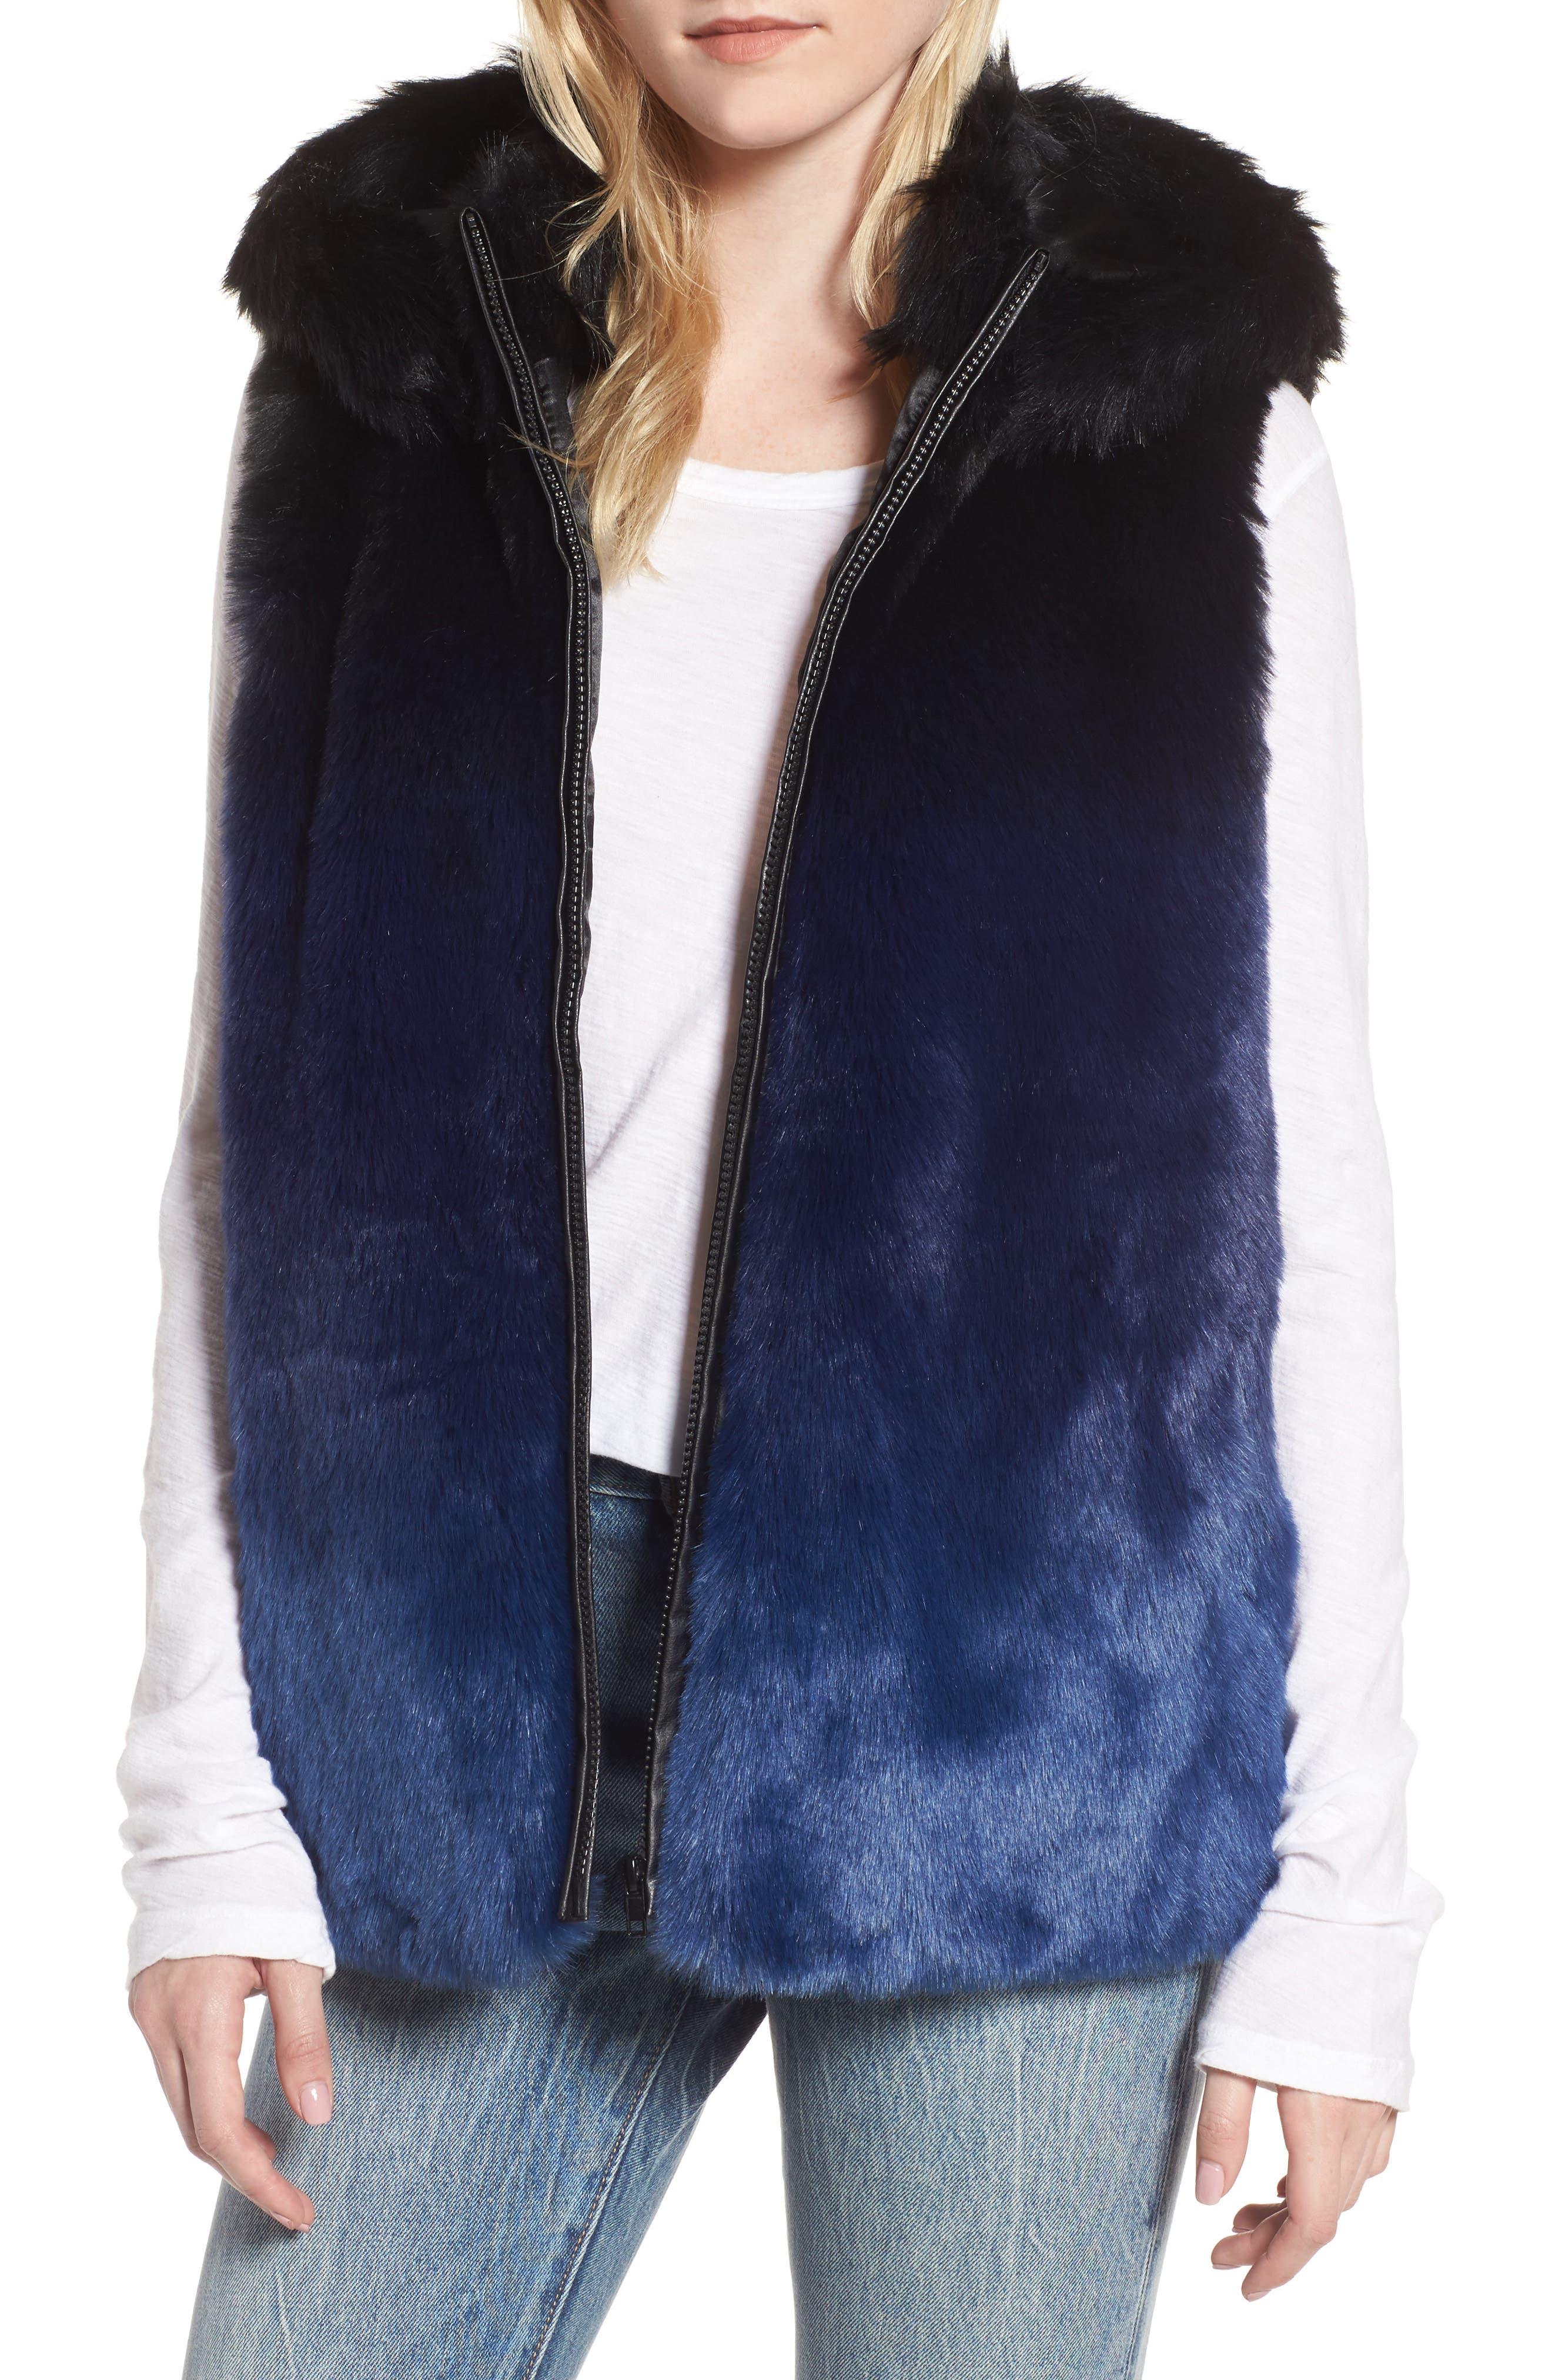 Heurueh Ryan Ombré Faux Fur Hooded Vest